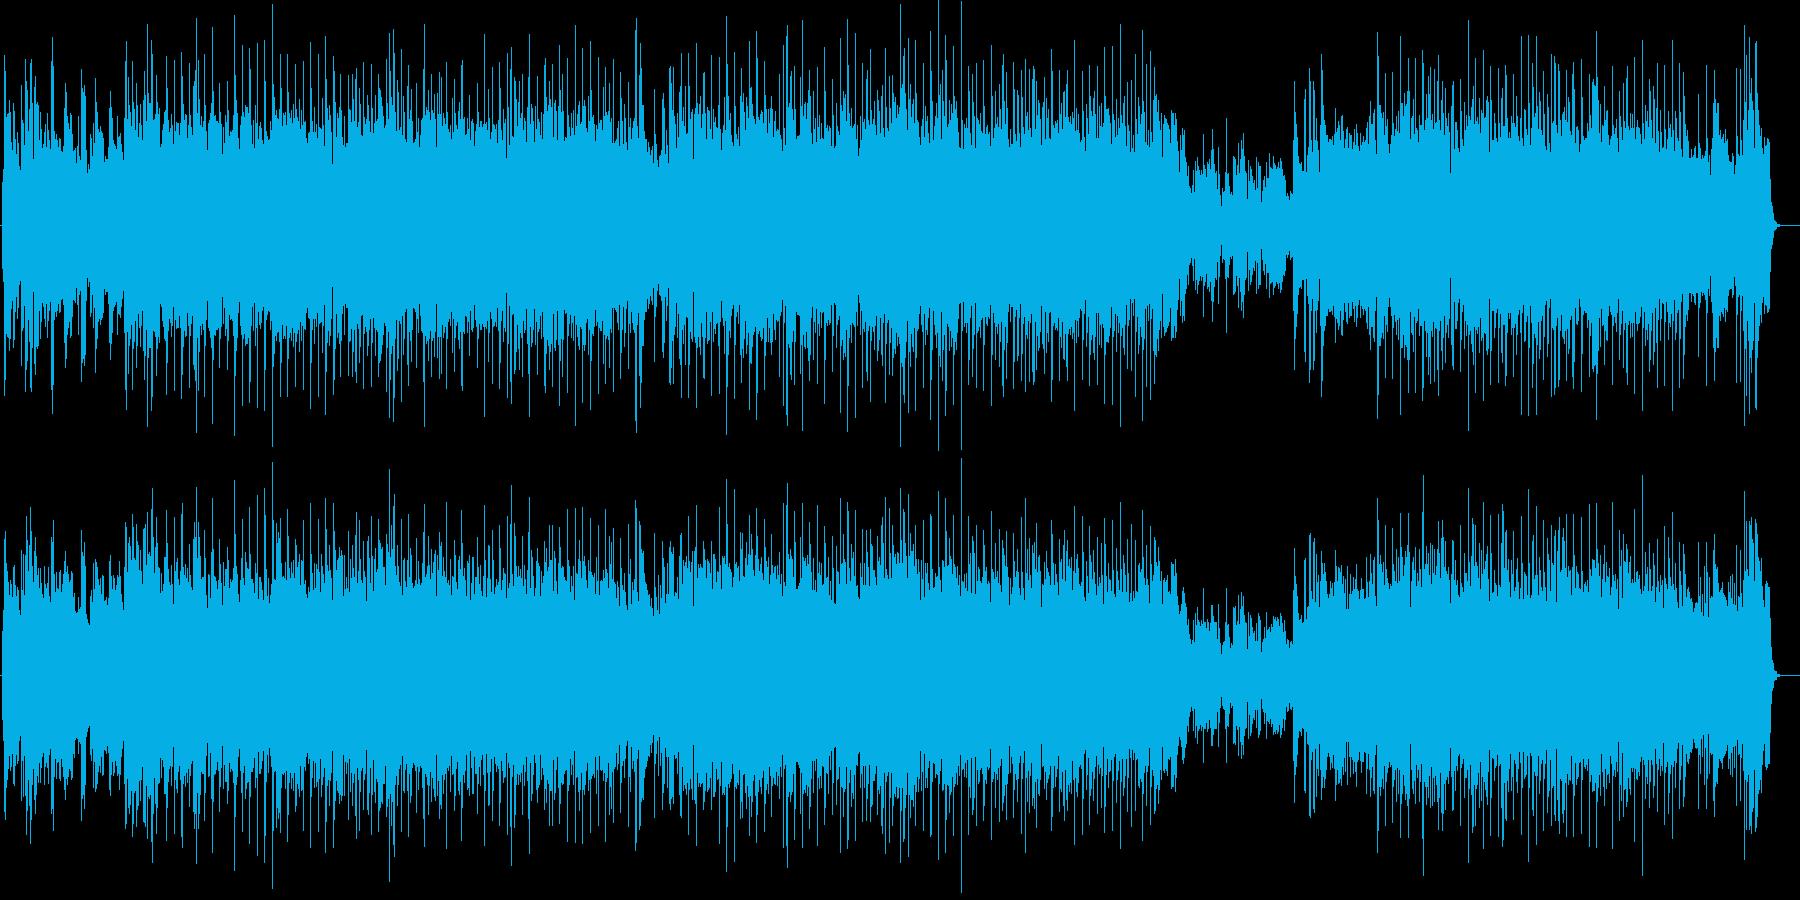 夏だ! 熱いロック・フュージョン 海だ!の再生済みの波形